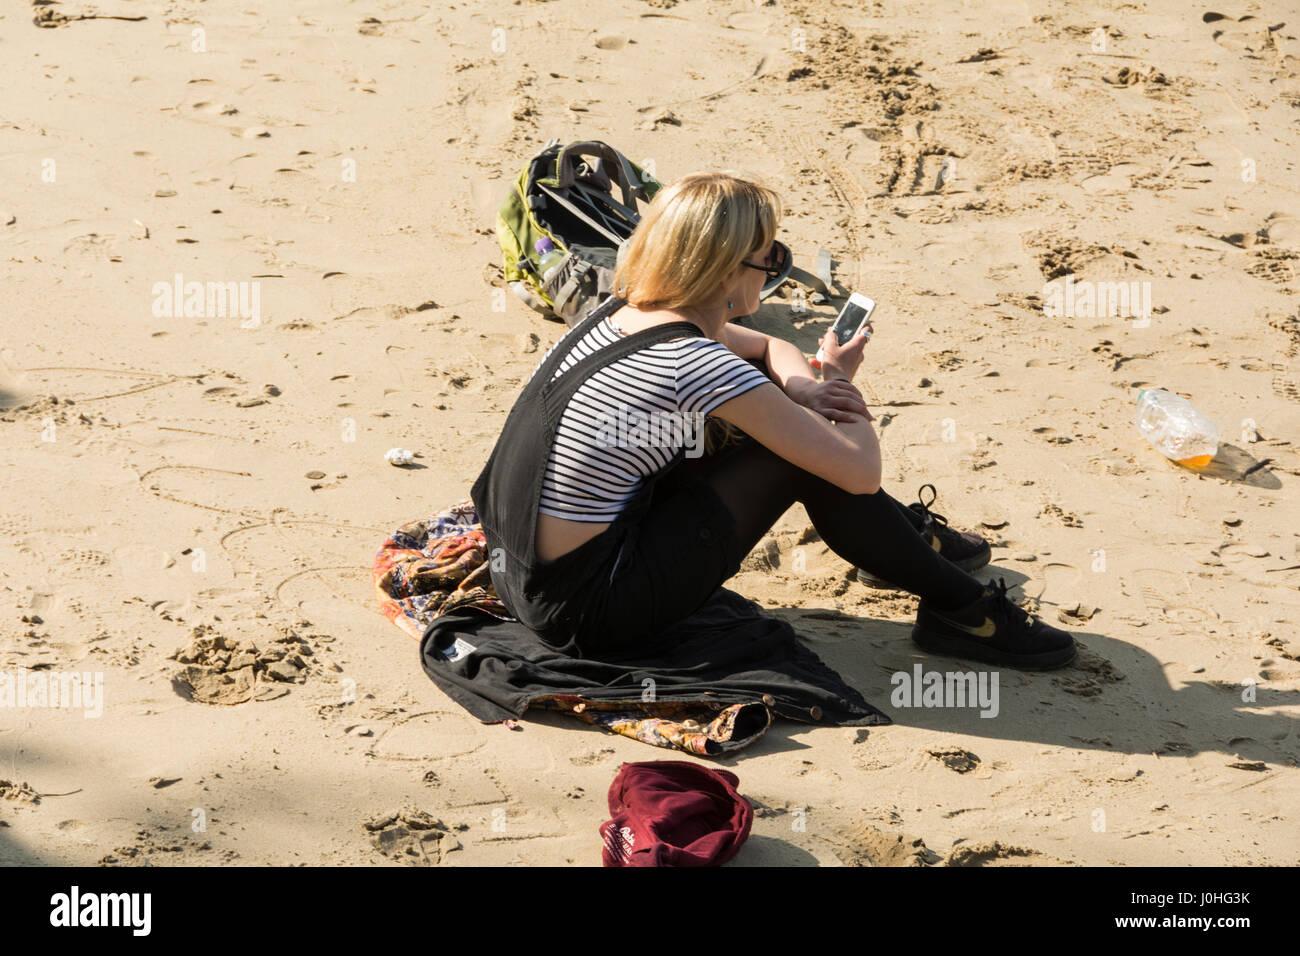 Una solitaria mujer sentada sola en la playa al lado del río Támesis, cerca de South Bank de Londres. Foto de stock